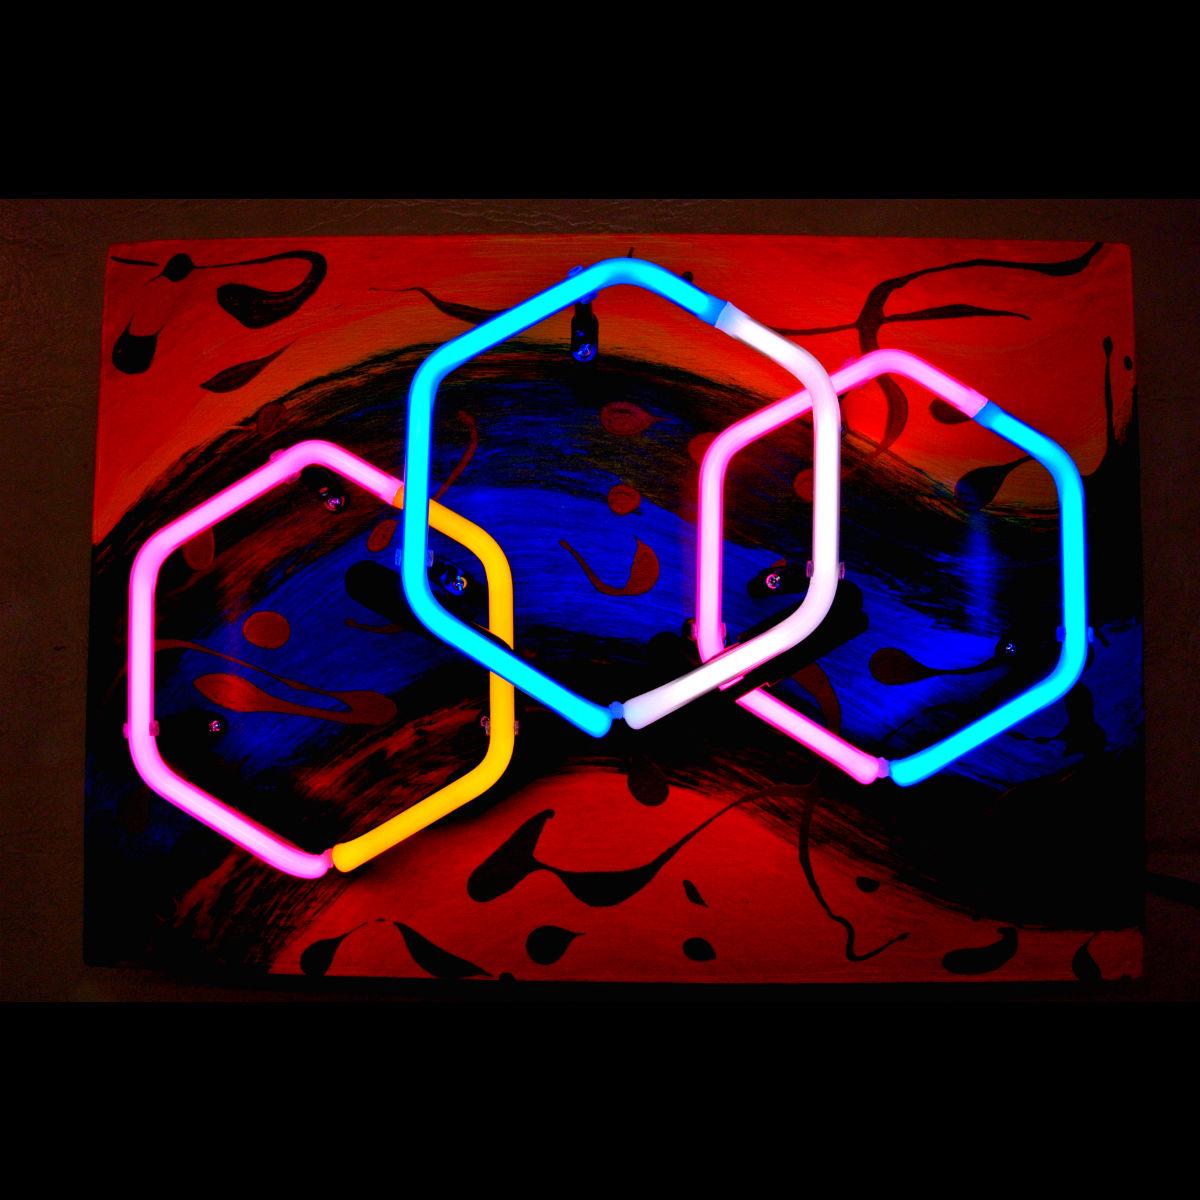 Parisian Luminous Neon Sculpture in Murano Italian Glass - by John Barton - BartonNeonMagic.com